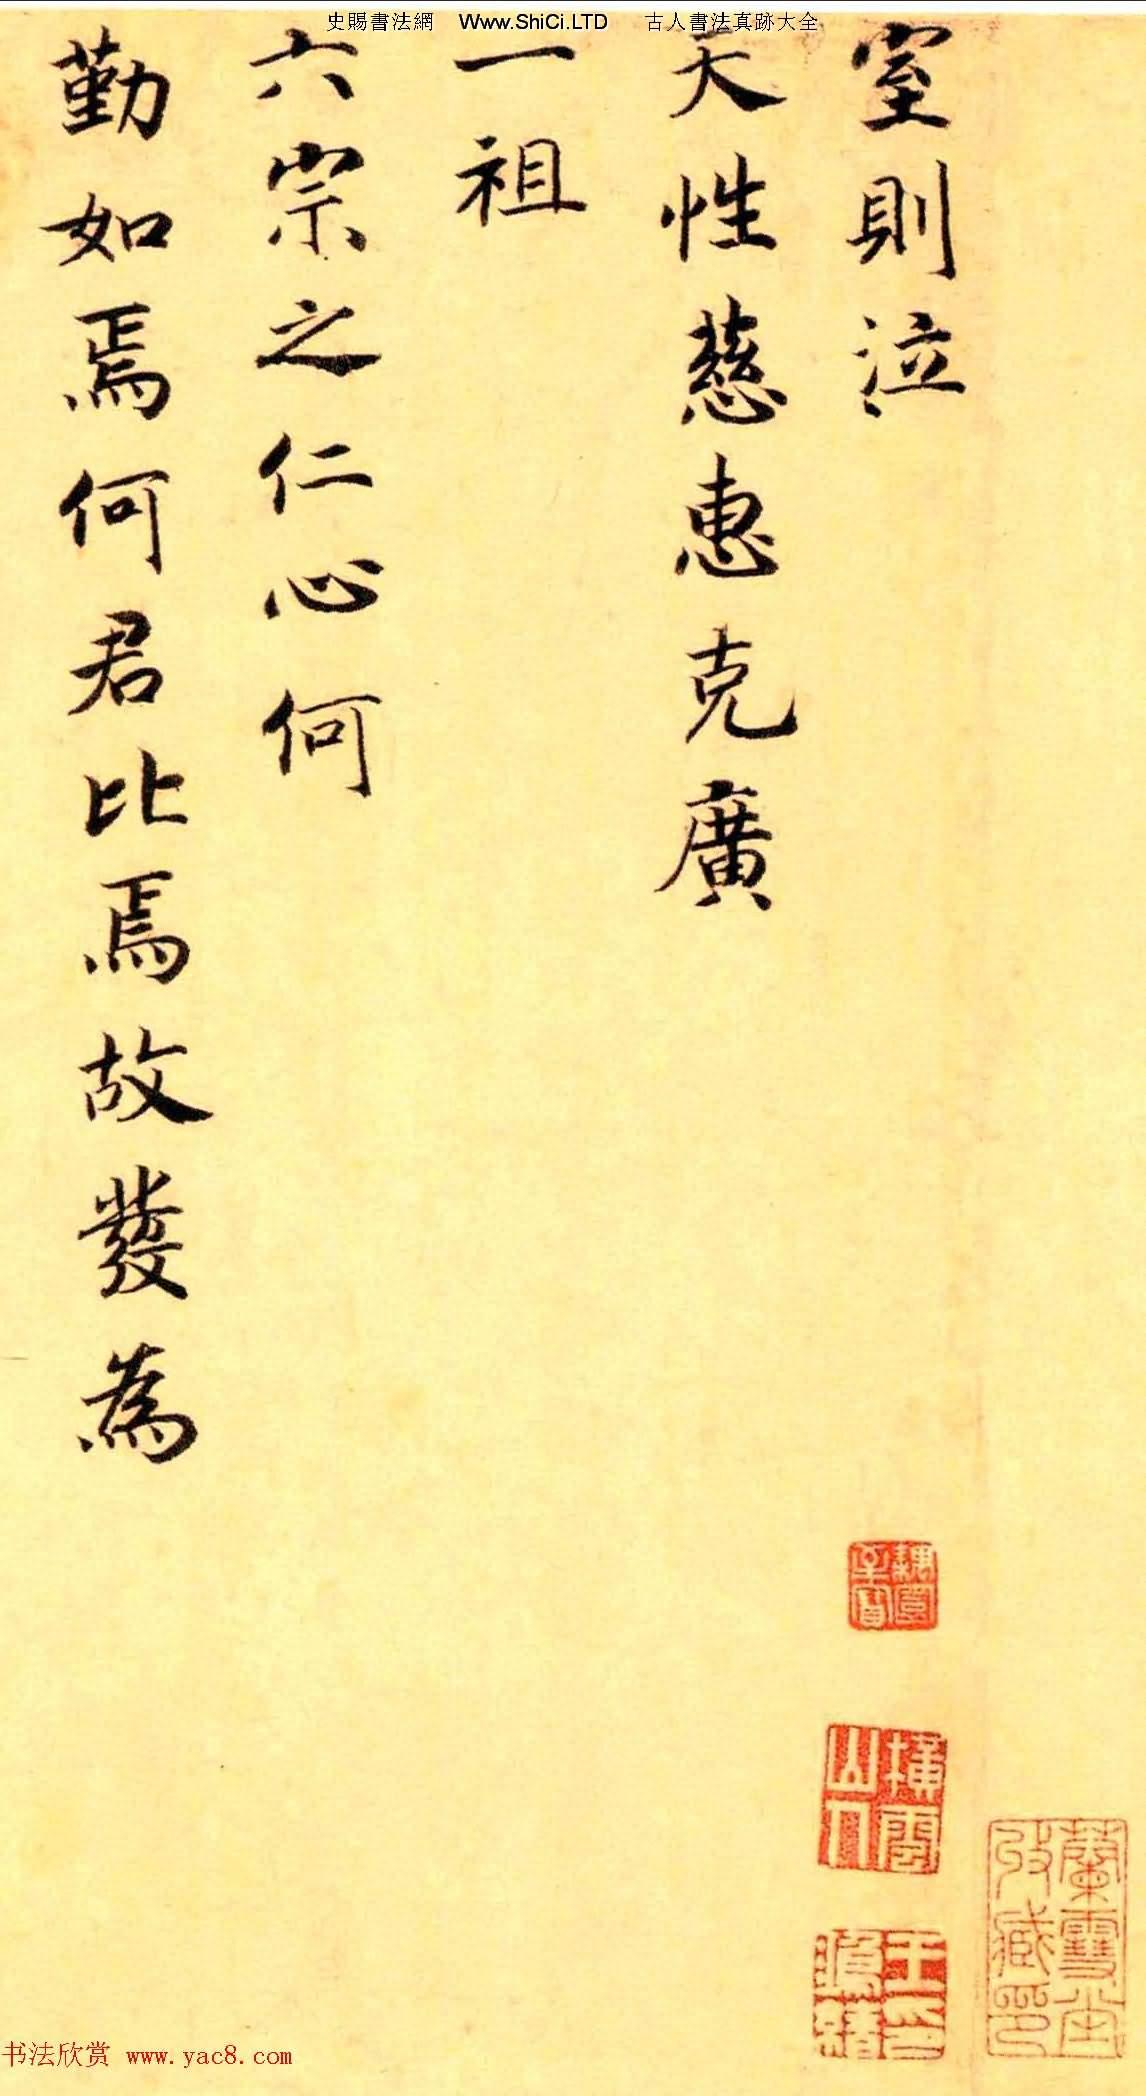 趙構楷書《徽宗文集序》附文徵明父子三人題跋(共15張圖片)